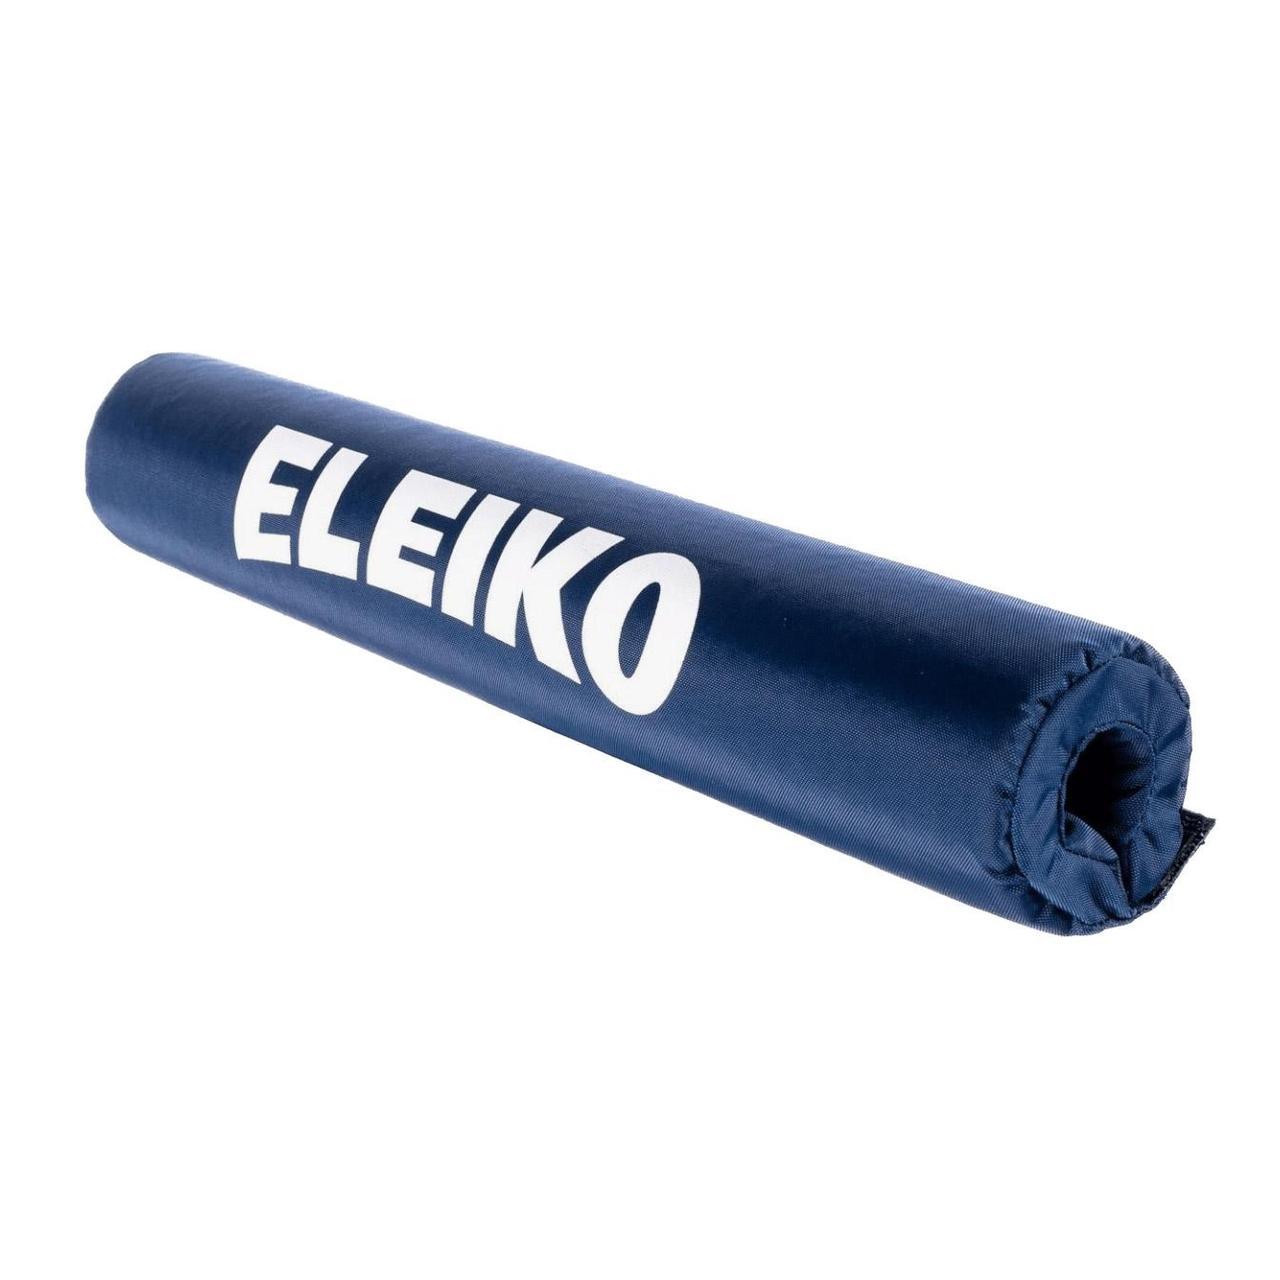 Смягчающая накладка на гриф Eleiko Bar Pad 3002235